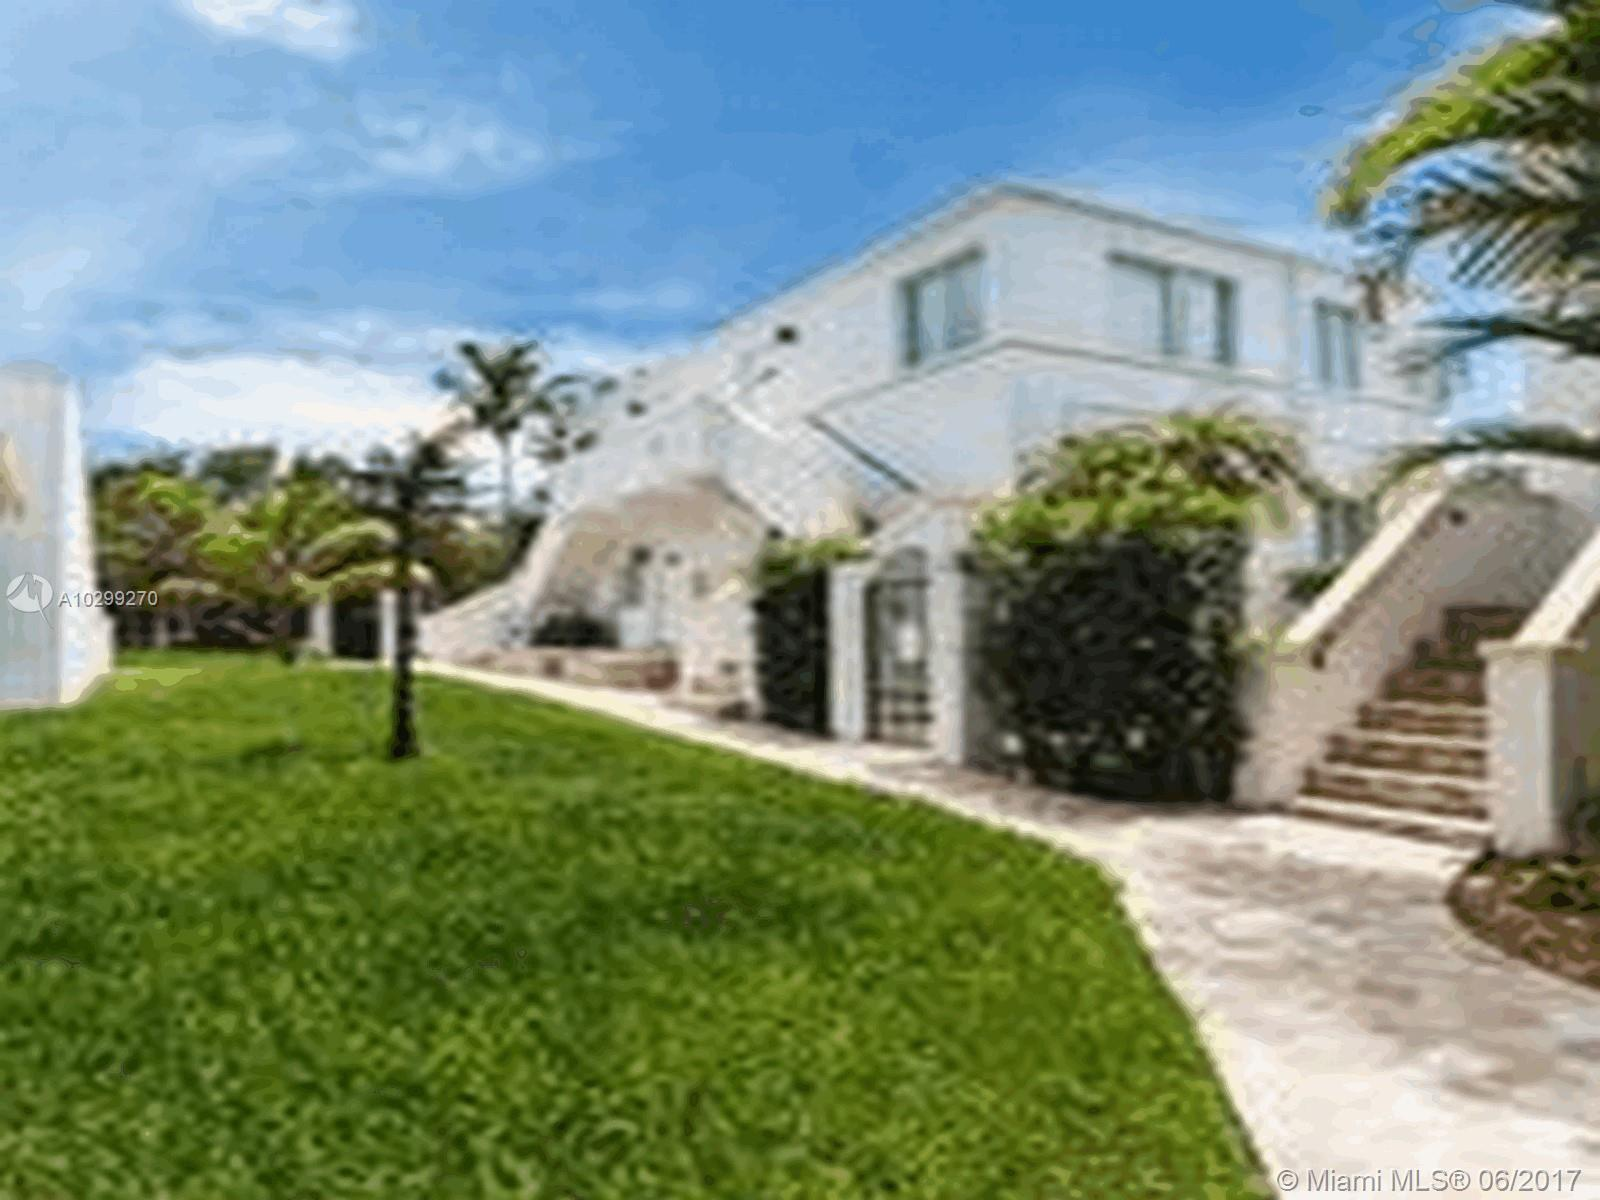 7504 NE 6th Ct # 15, Miami, FL 33138